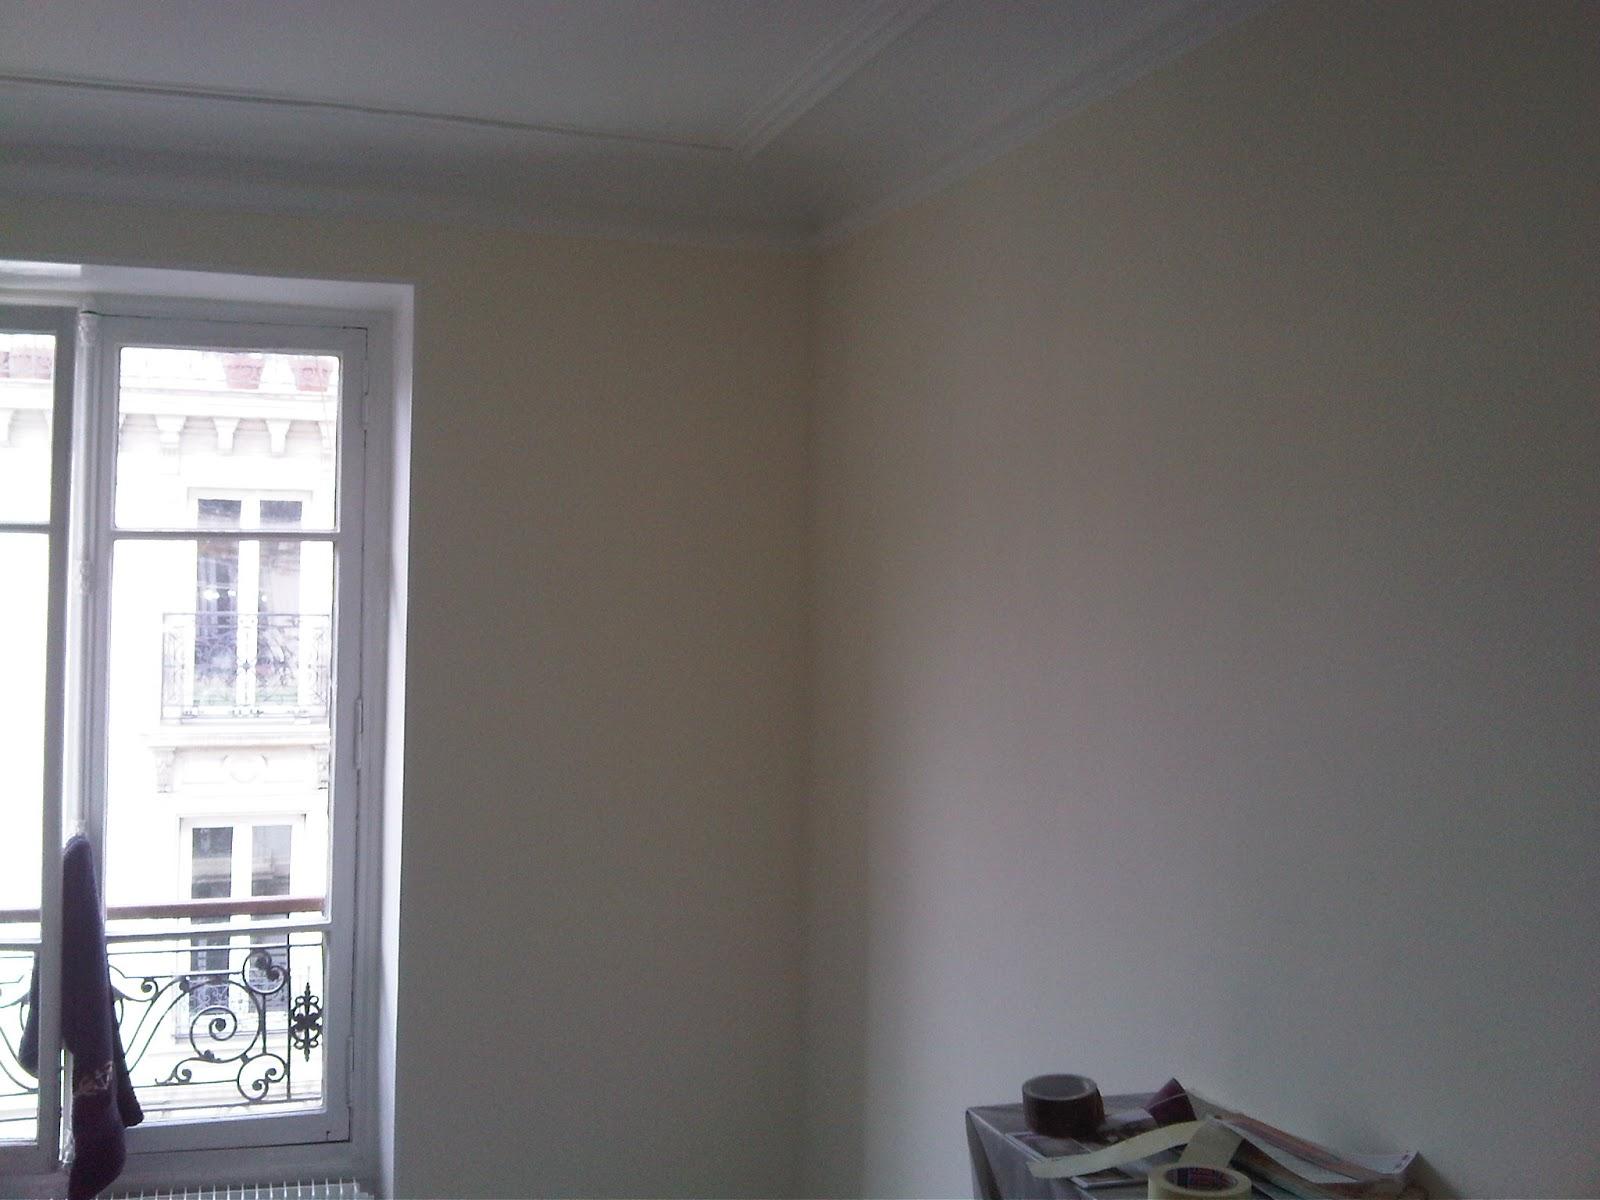 Meilleur devis tarif prix travaux de peinture appartement a paris 75 ile de f - Devis peinture appartement ...